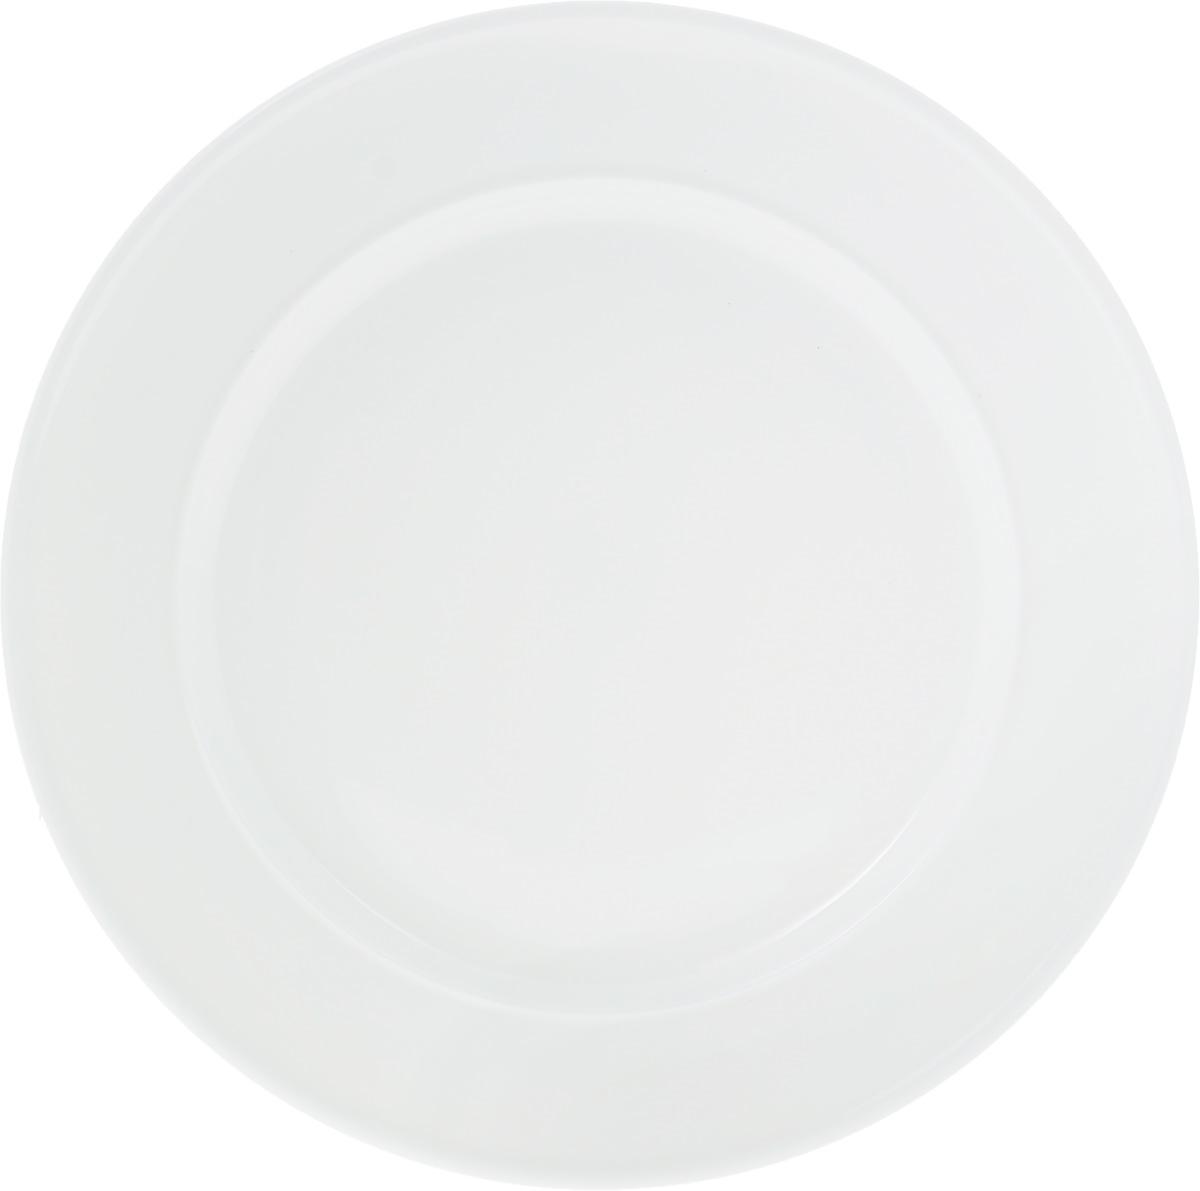 Тарелка Wilmax, диаметр 28 см115510Тарелка Wilmax, изготовленная из высококачественного фарфора, имеет классическую круглую форму. Оригинальный дизайн придется по вкусу и ценителям классики, и тем, кто предпочитает утонченность и изысканность. Тарелка Wilmax идеально подойдет для сервировки стола и станет отличным подарком к любому празднику.